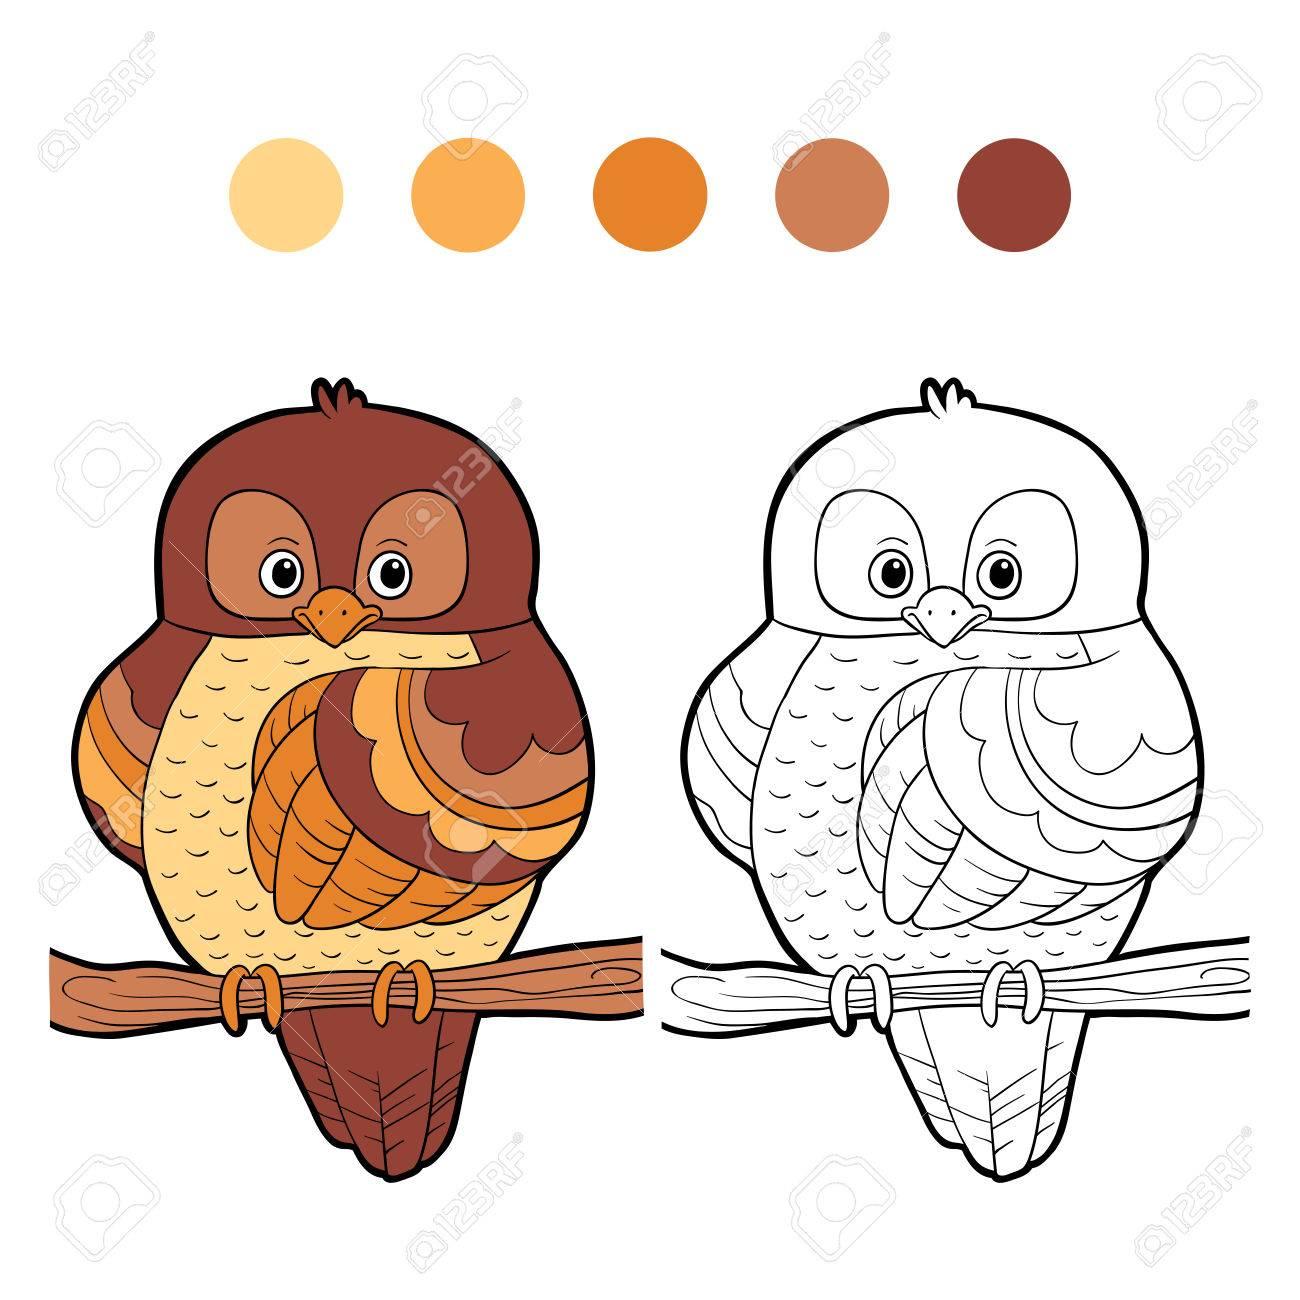 塗り絵 鳥のイラスト素材ベクタ Image 33956774